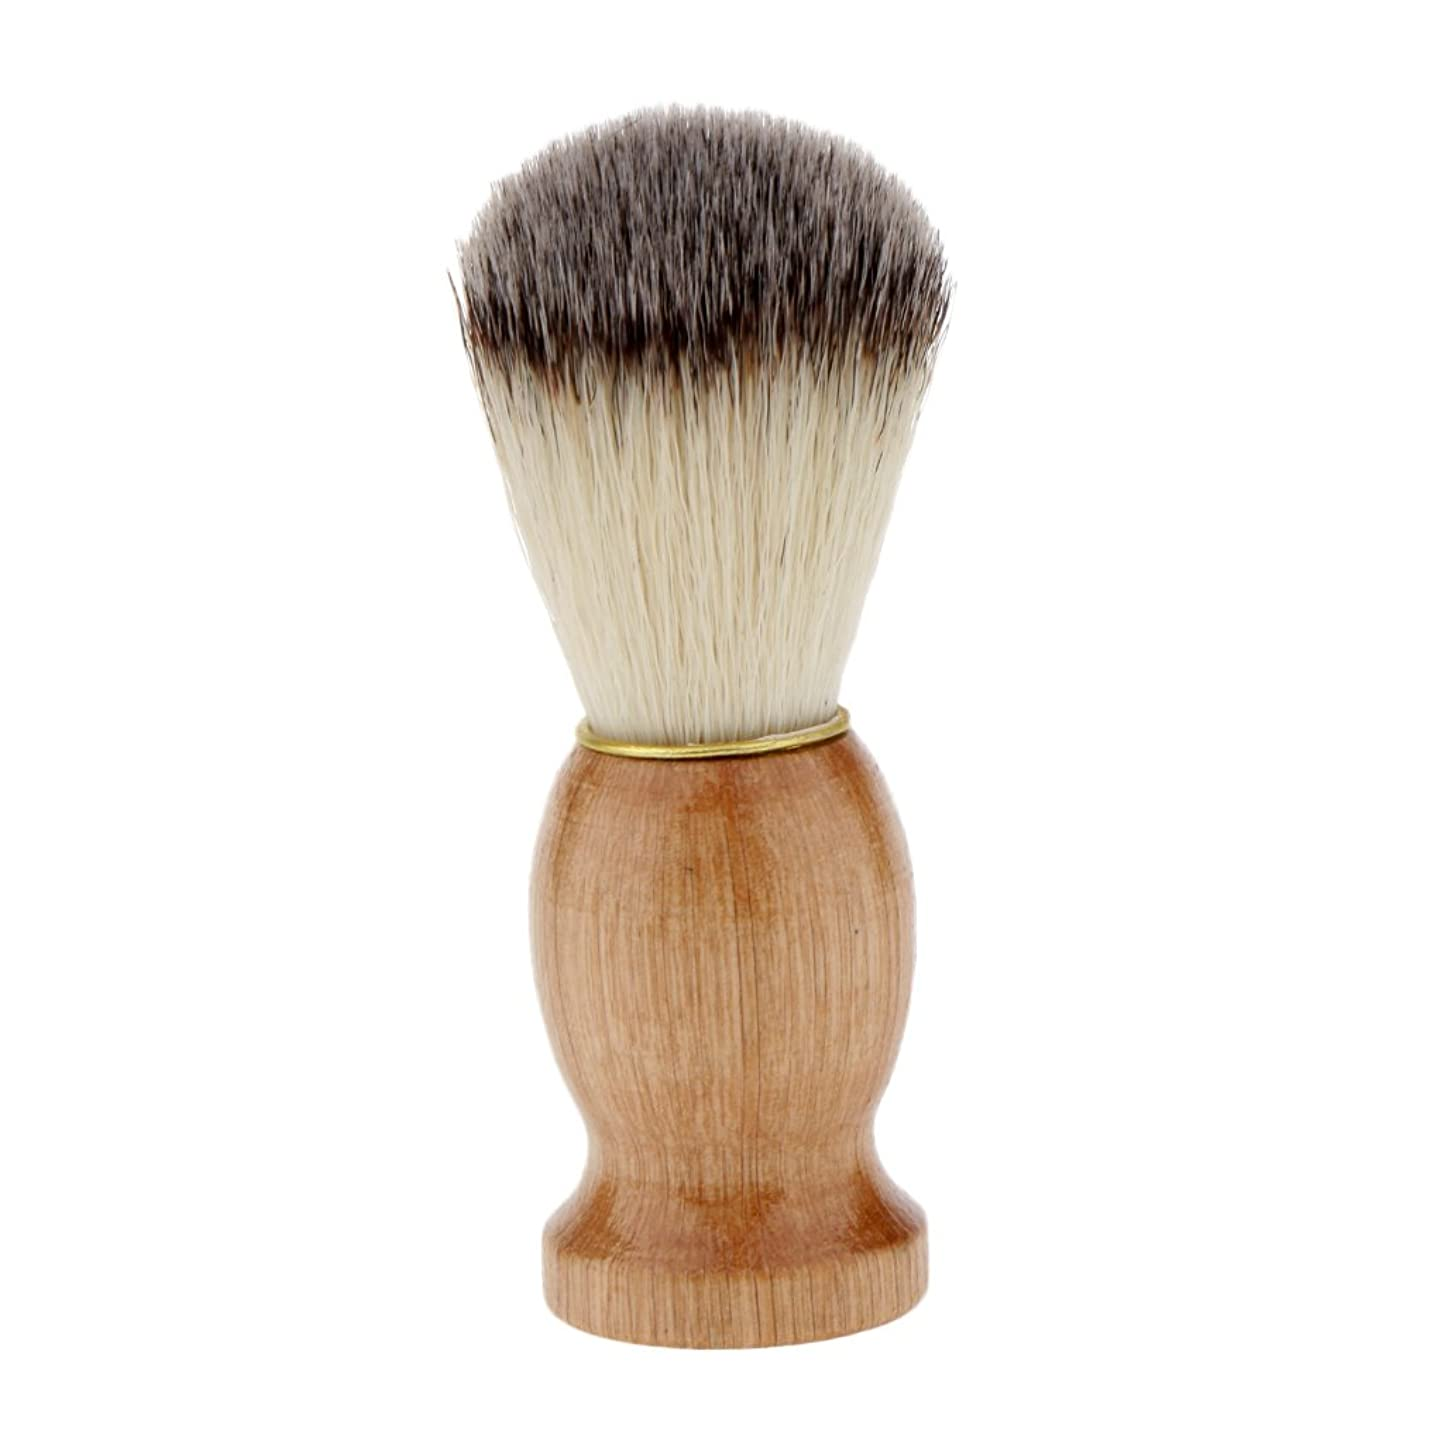 額実際デュアル男性ギフト剃毛シェービングブラシプロ理髪店サロン剛毛ブラシウッドハンドルダストクリーニングツール